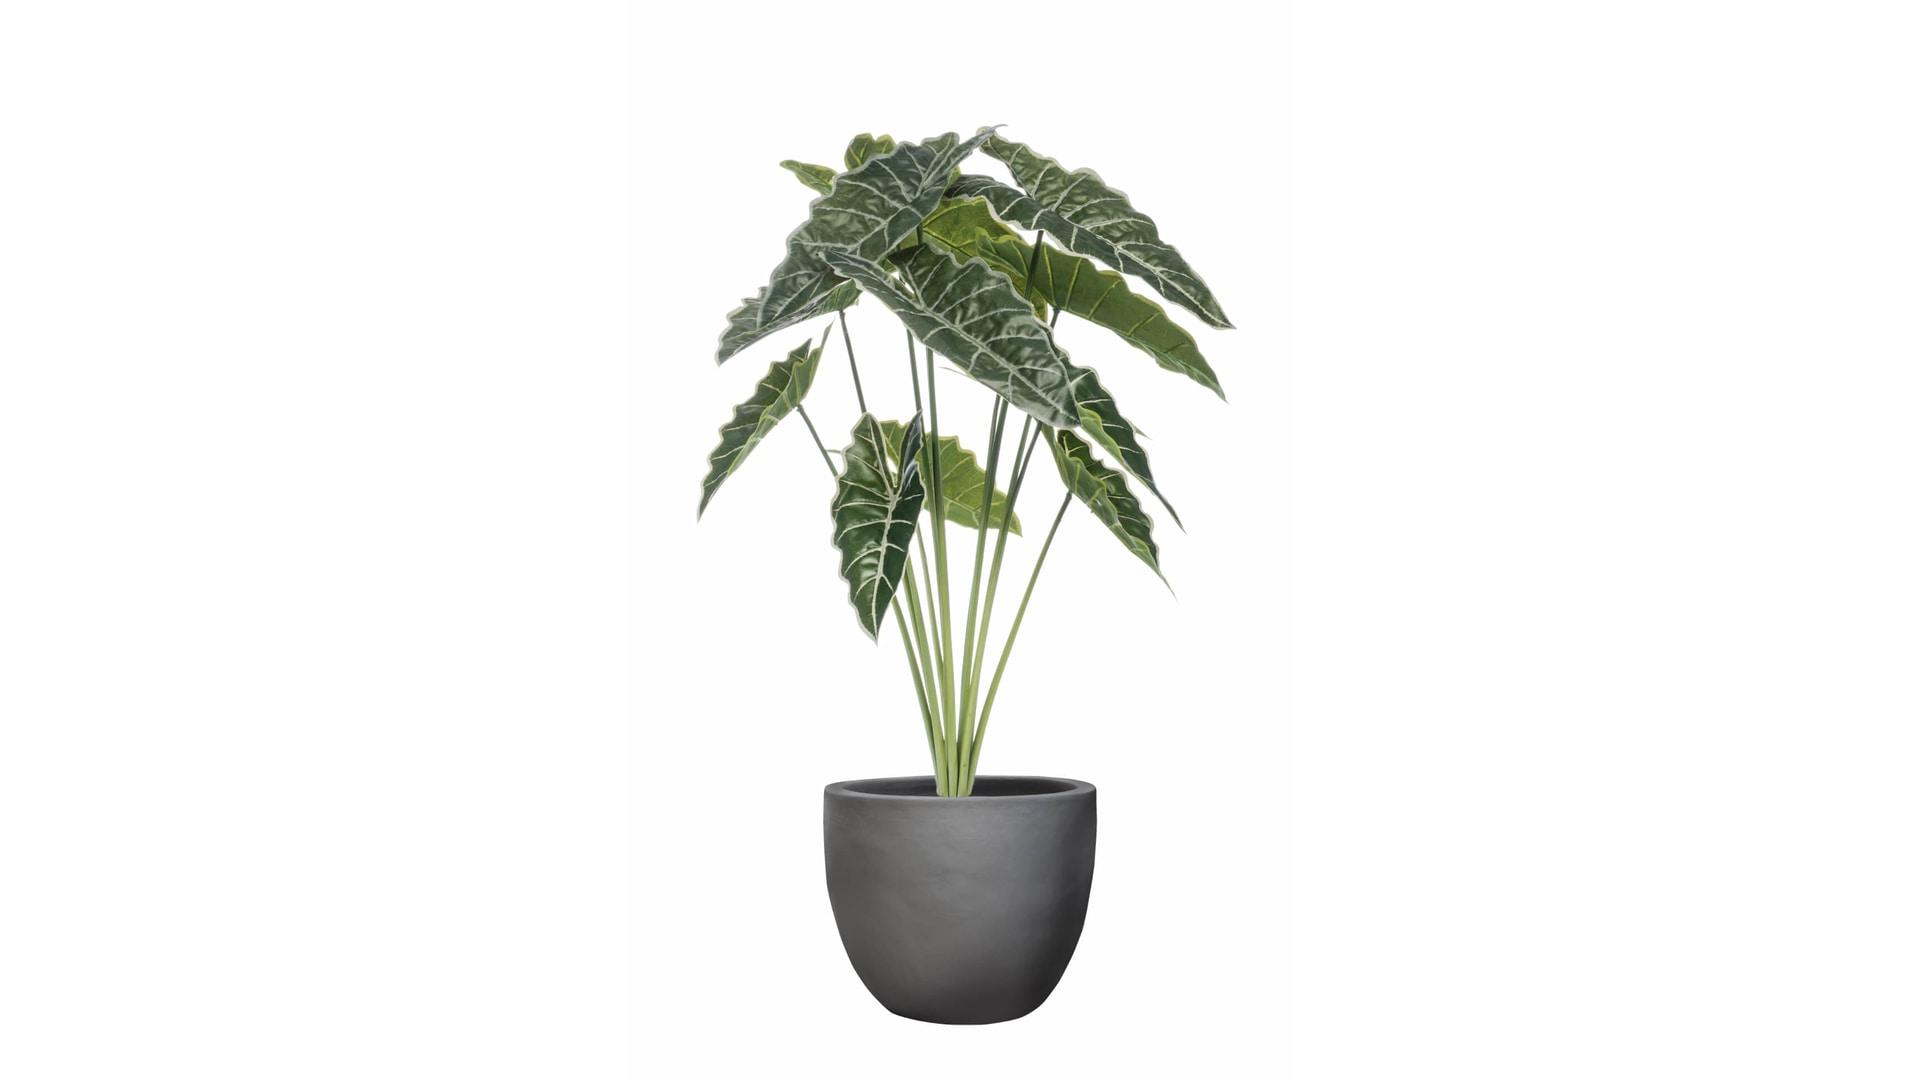 CJ Decor plantas,CJ Decor arvores,CJ Decor floresCJ Decor verde